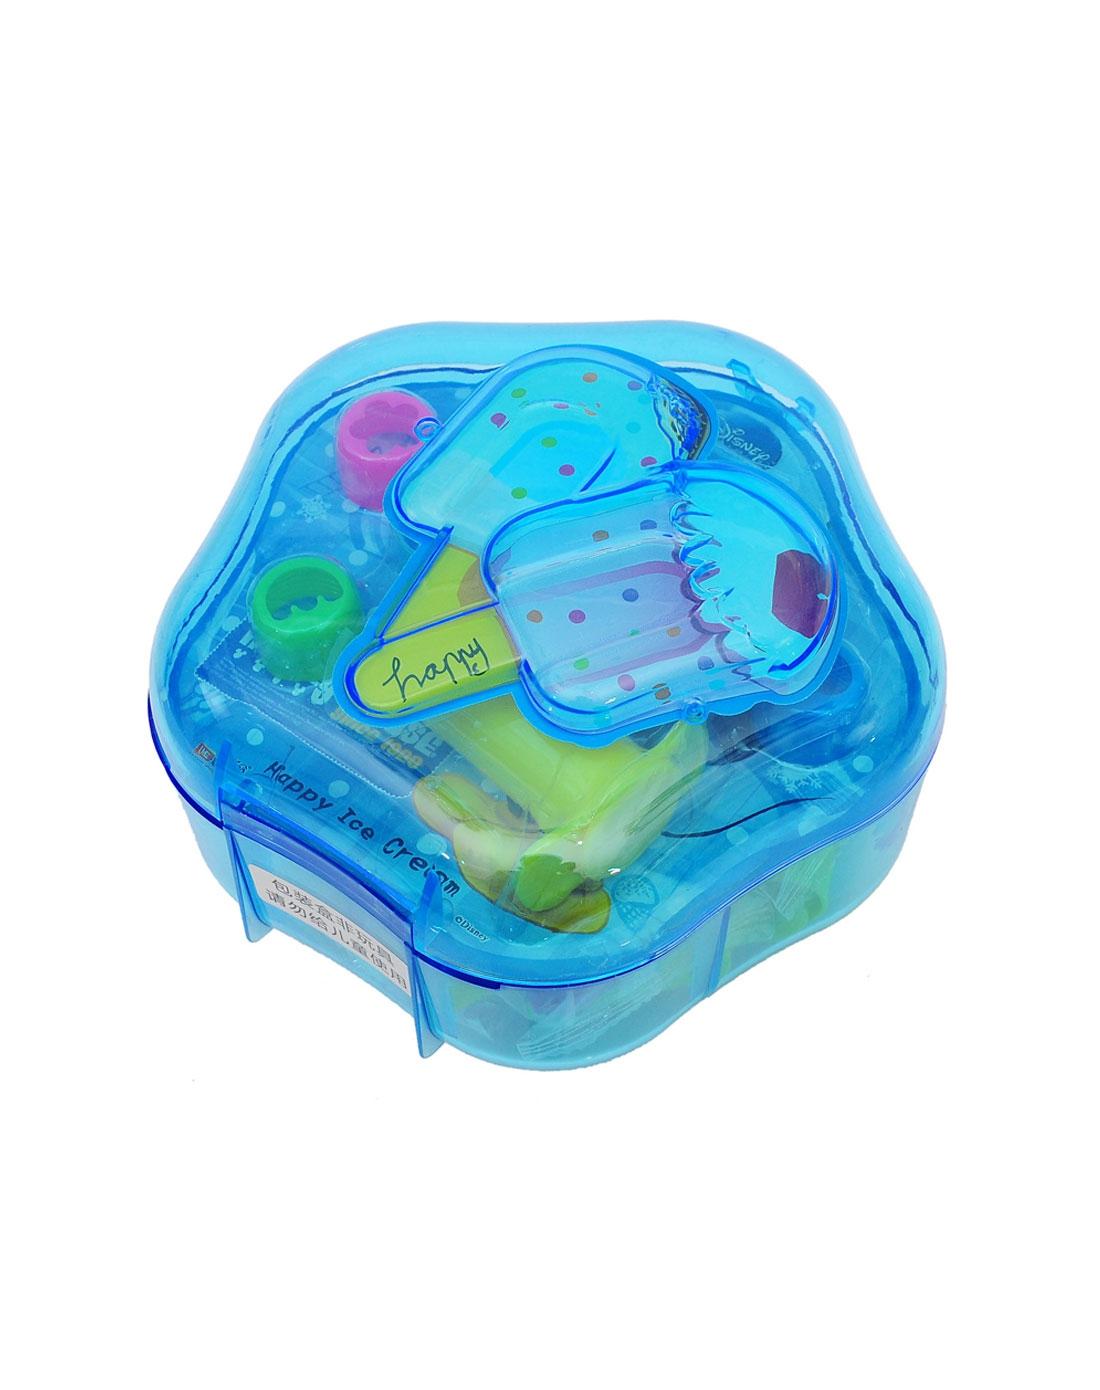 迪士尼 男童蓝色创意彩泥5d雪糕轻轻泥